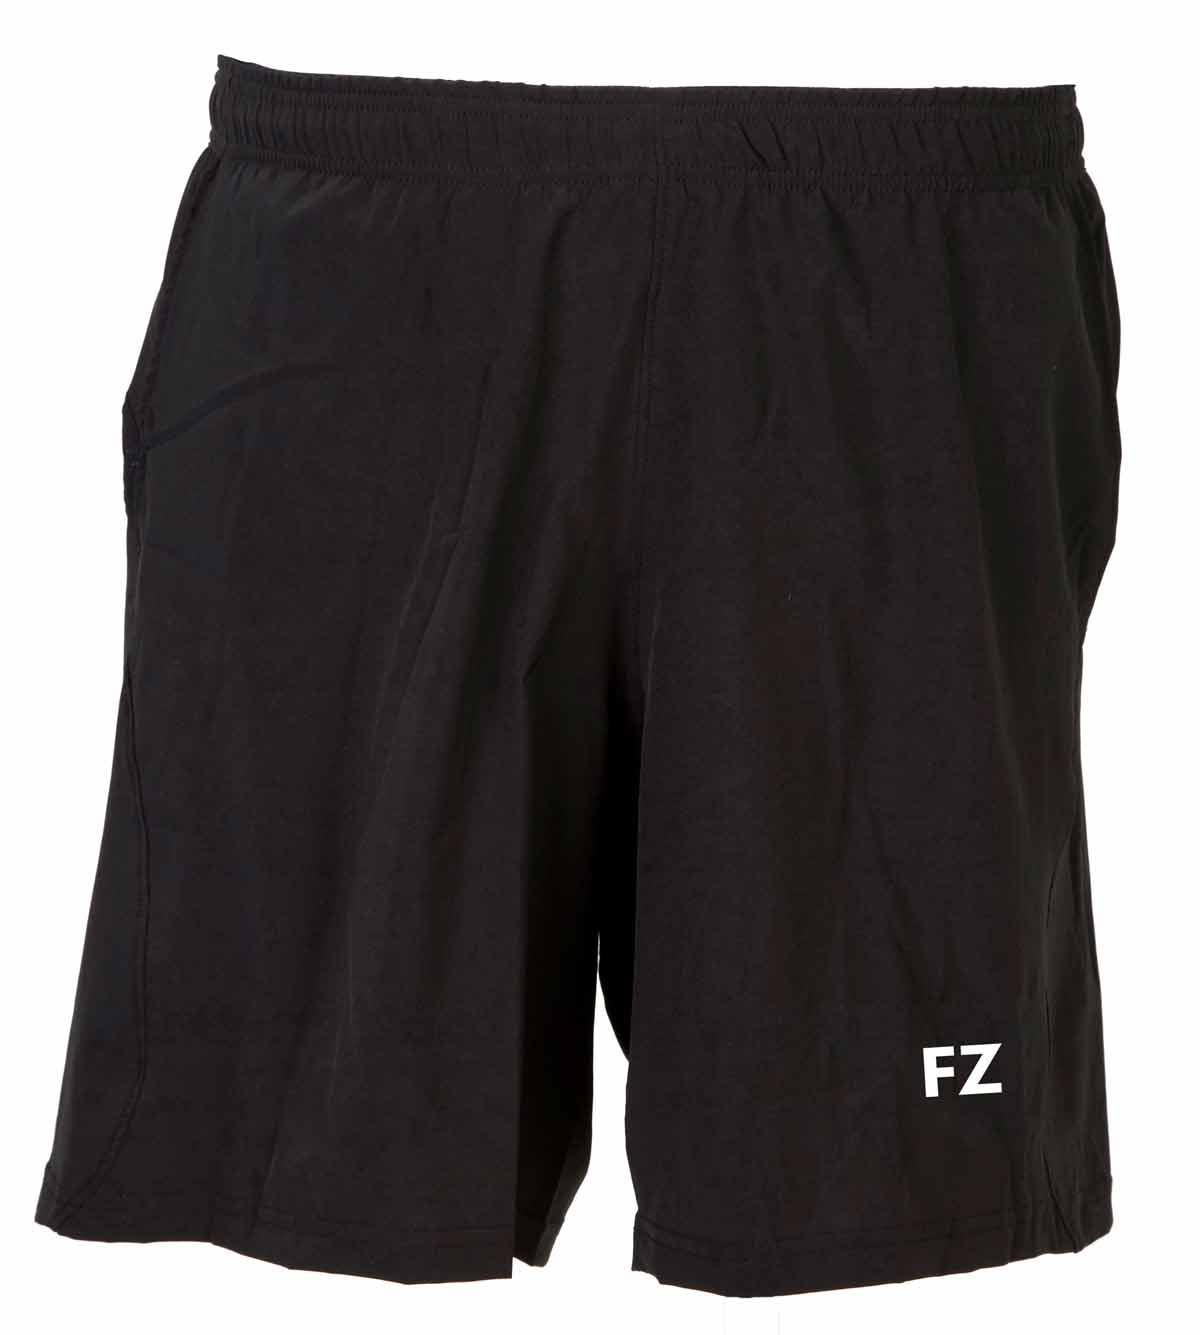 Billede af Forza Ajax shorts adult